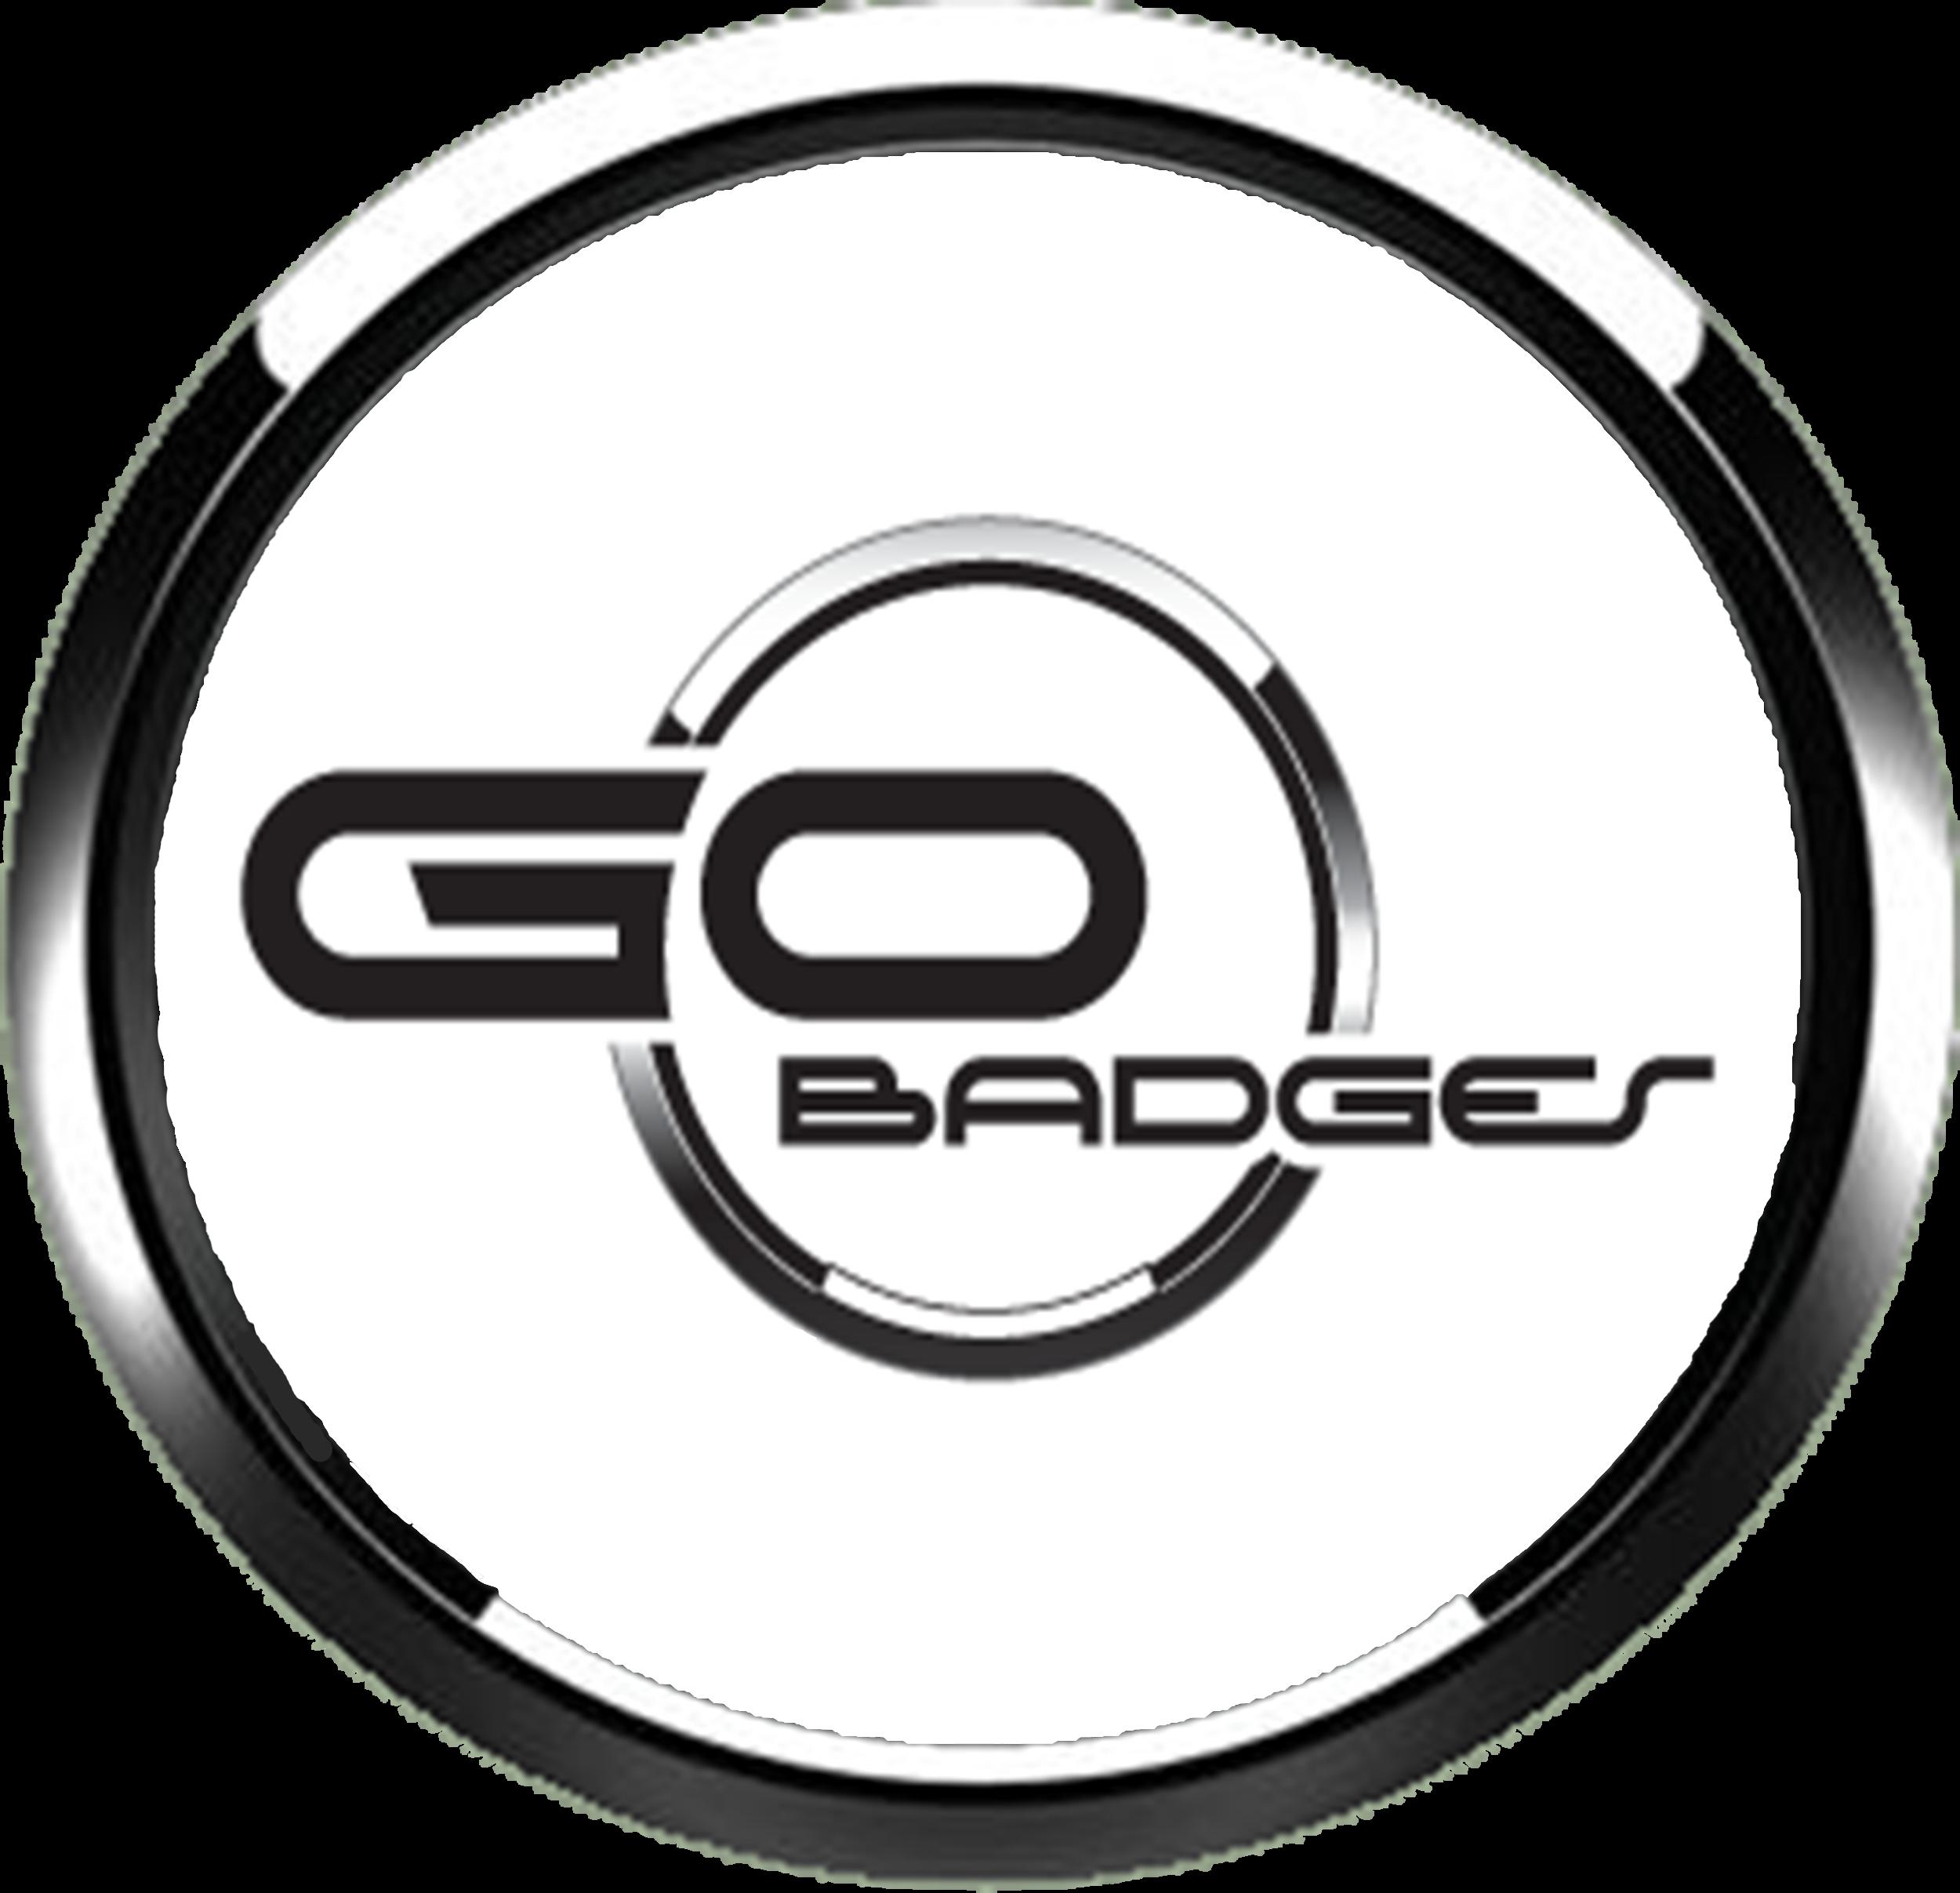 gobadges.png